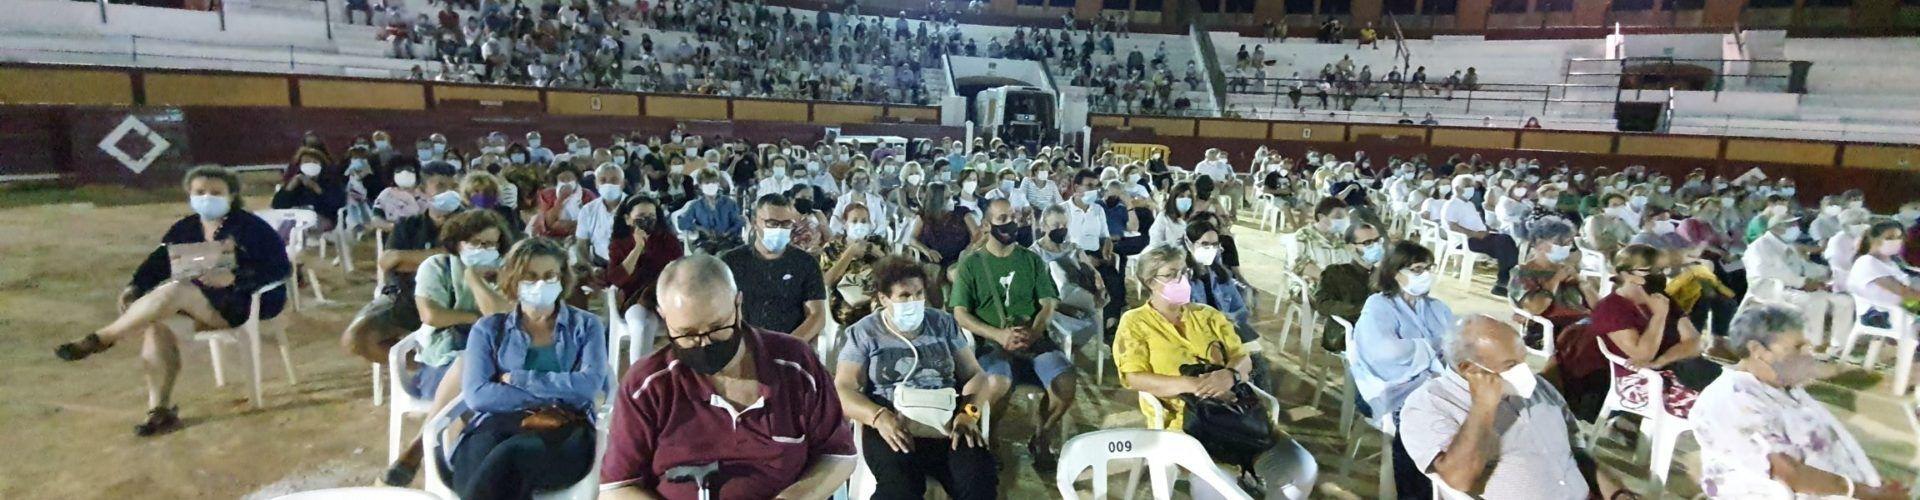 Vídeo i fotos: XX Festival de Curtmetratges Agustí Comes de Vinaròs